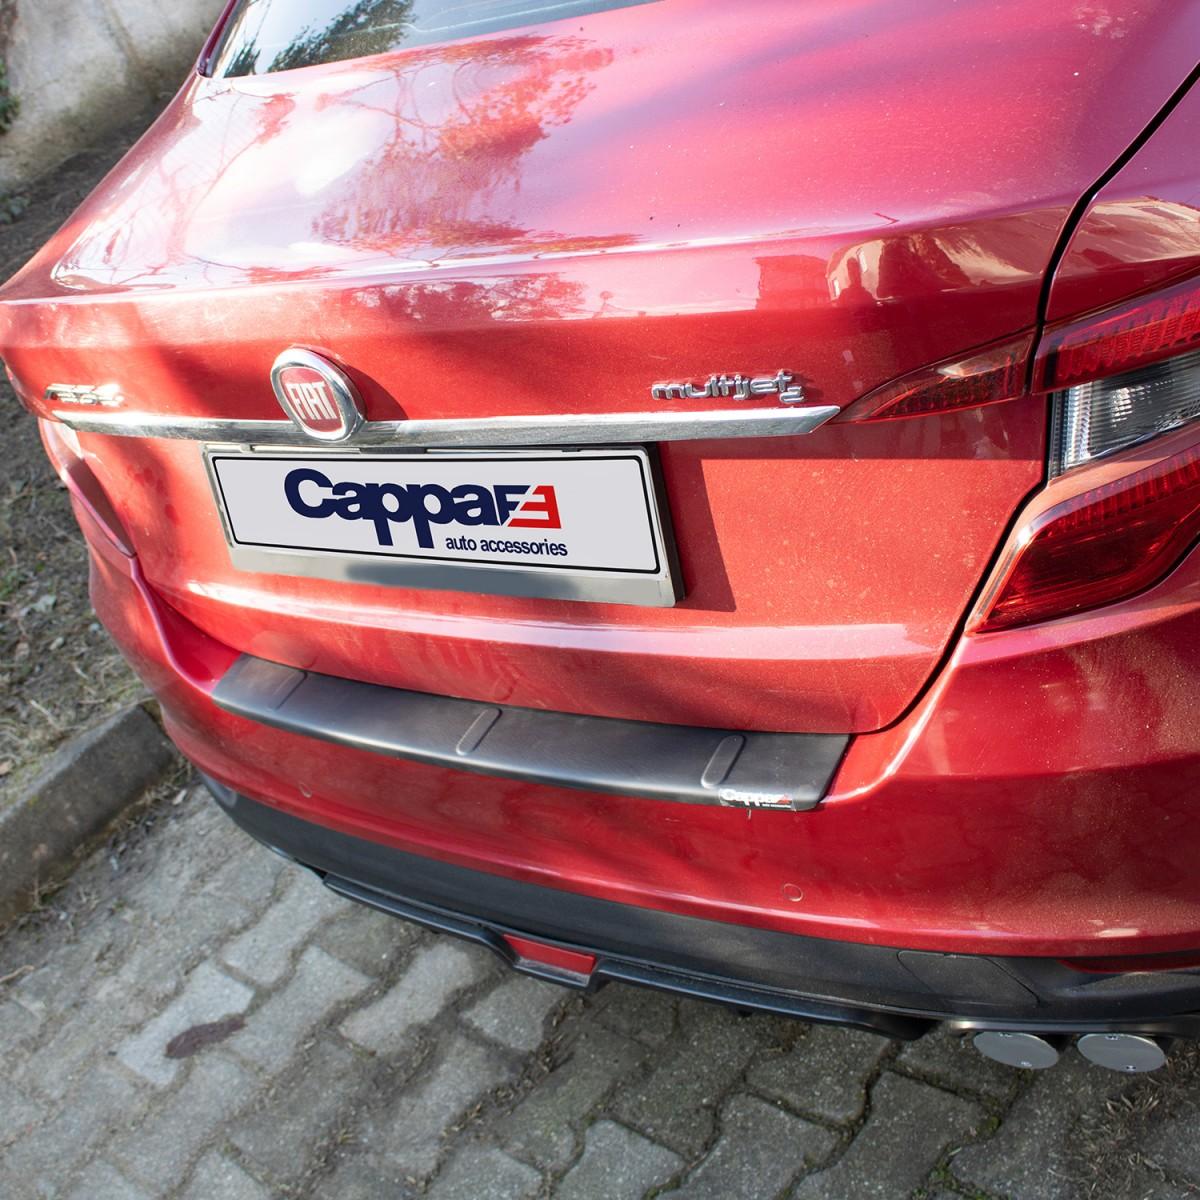 Fiat Egea Arka Tampon Eşiği Koruma 2015- Yılı ve Sonrası